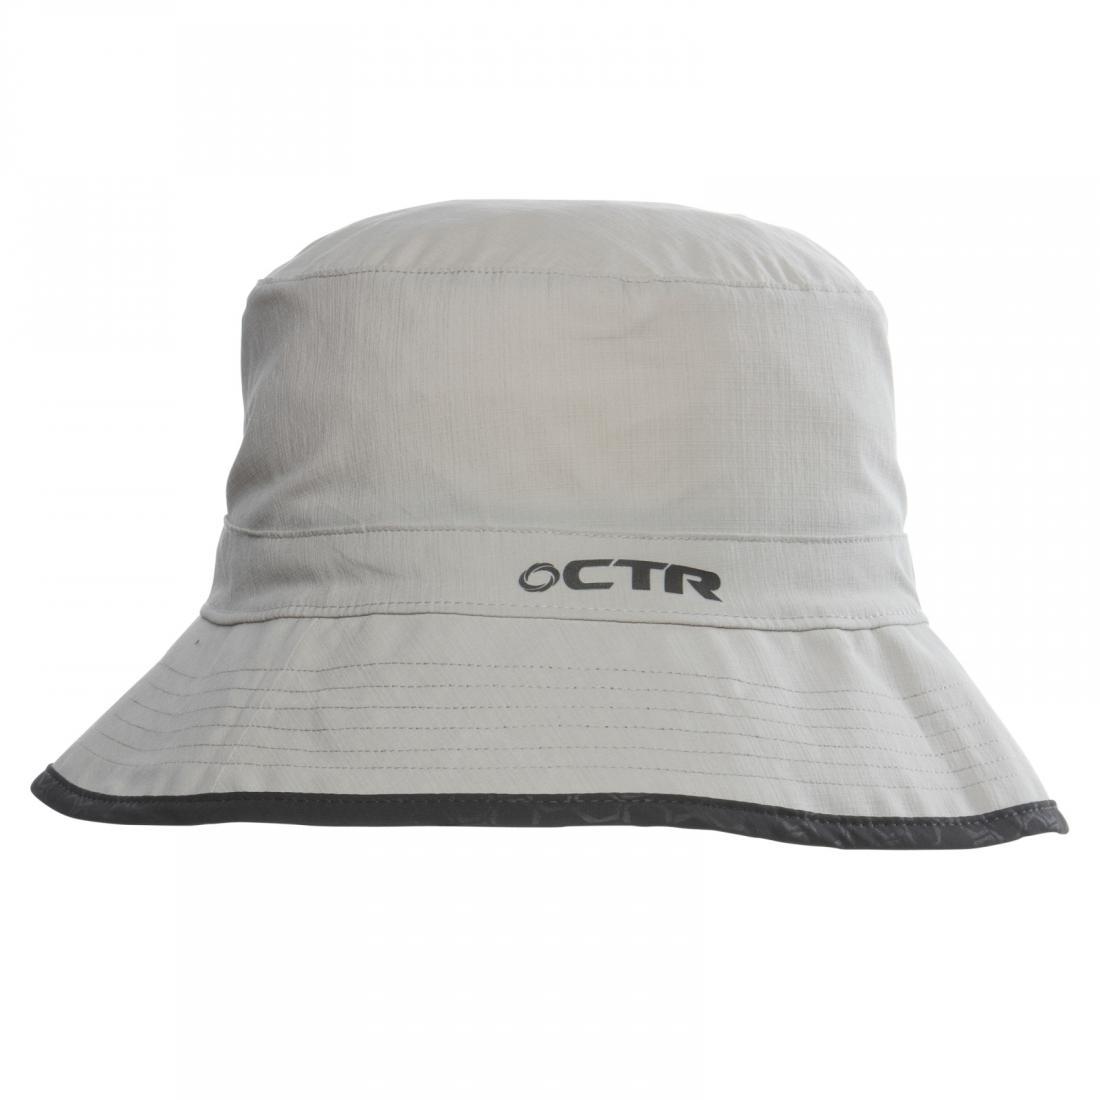 Панама Chaos  Summit Bucket HatПанамы<br><br> Классическая мужская панама Summit Bucket Hat от Chaos — это оптимальное решение для рыбалки и туризма. Легкая и удобная, она отлично защищает и от солнечных лучей, и от дождя. Благодаря компактным размерам она легко помещается в карман, а лаконичн...<br><br>Цвет: Серый<br>Размер: S-M